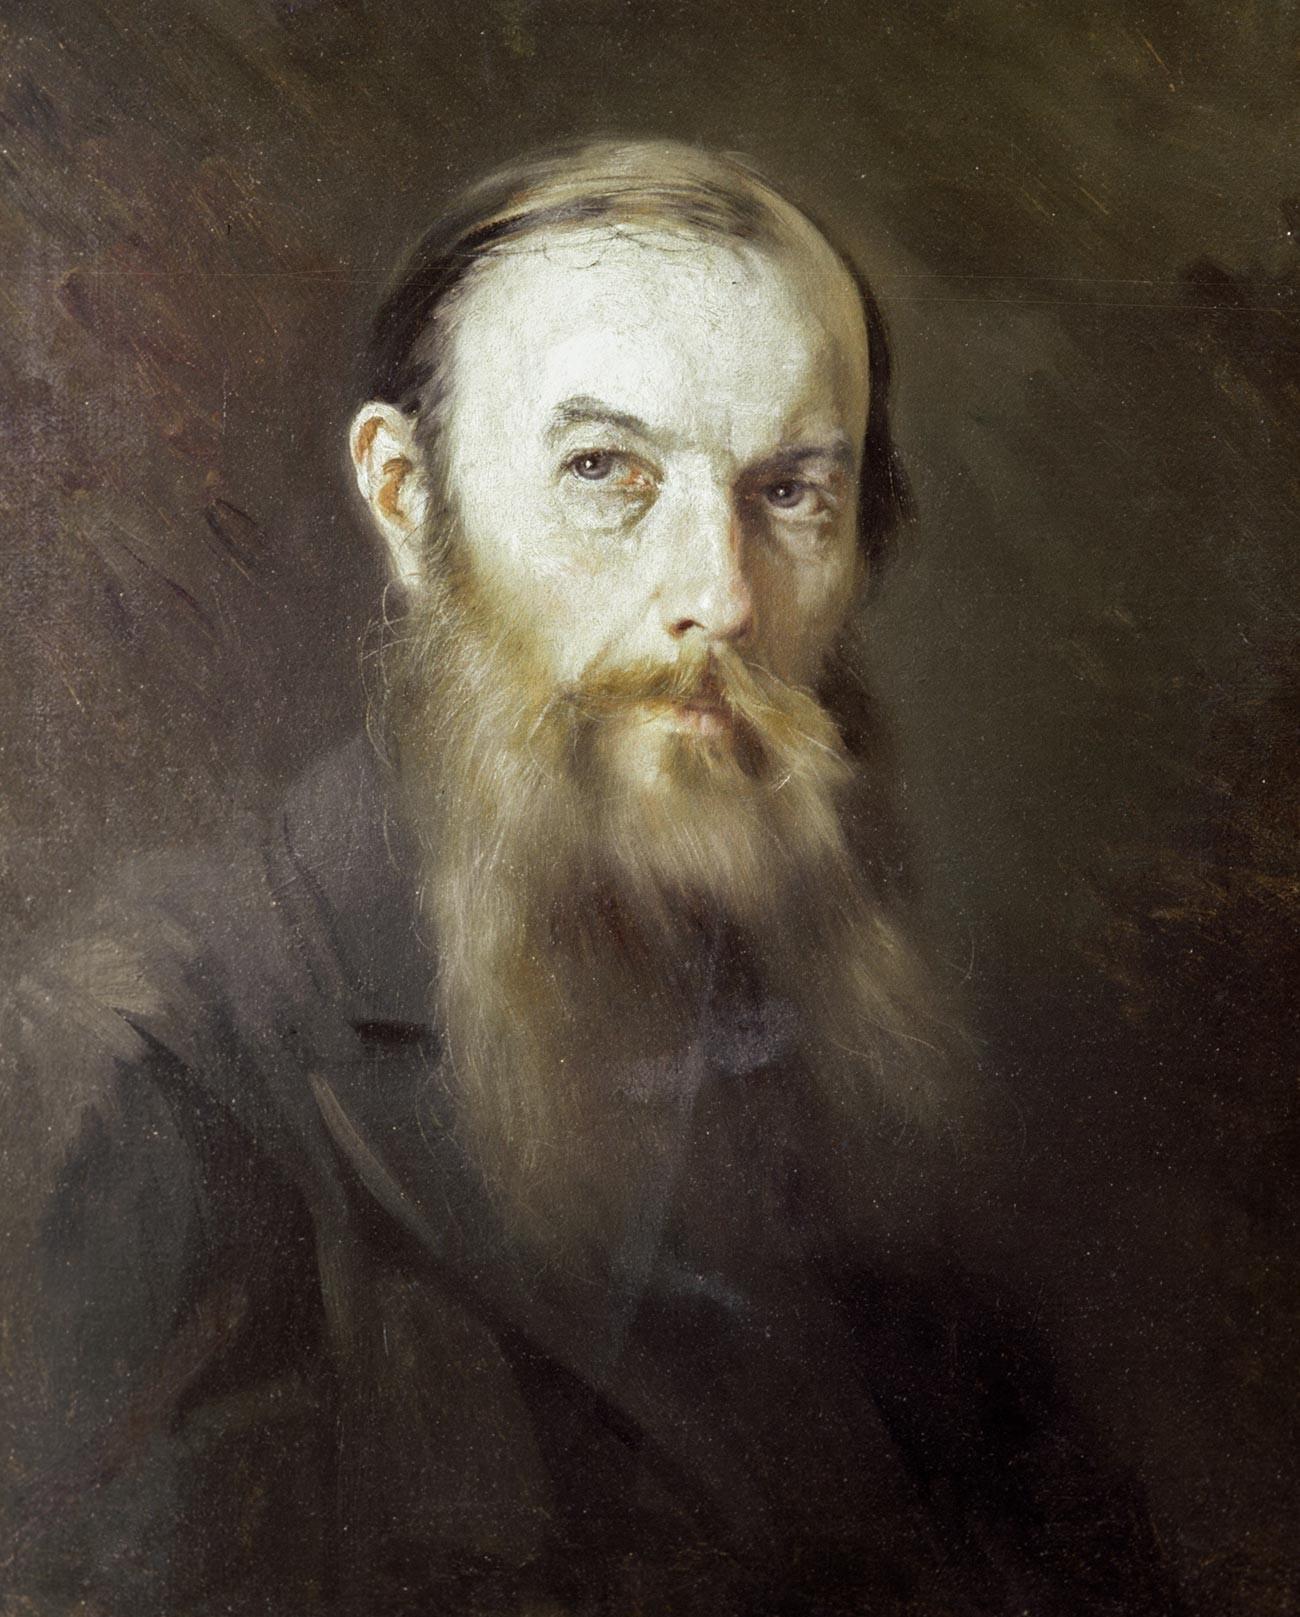 Reprodukcija portreta Fjodorja Dostojevskega M. Ščerbatova.